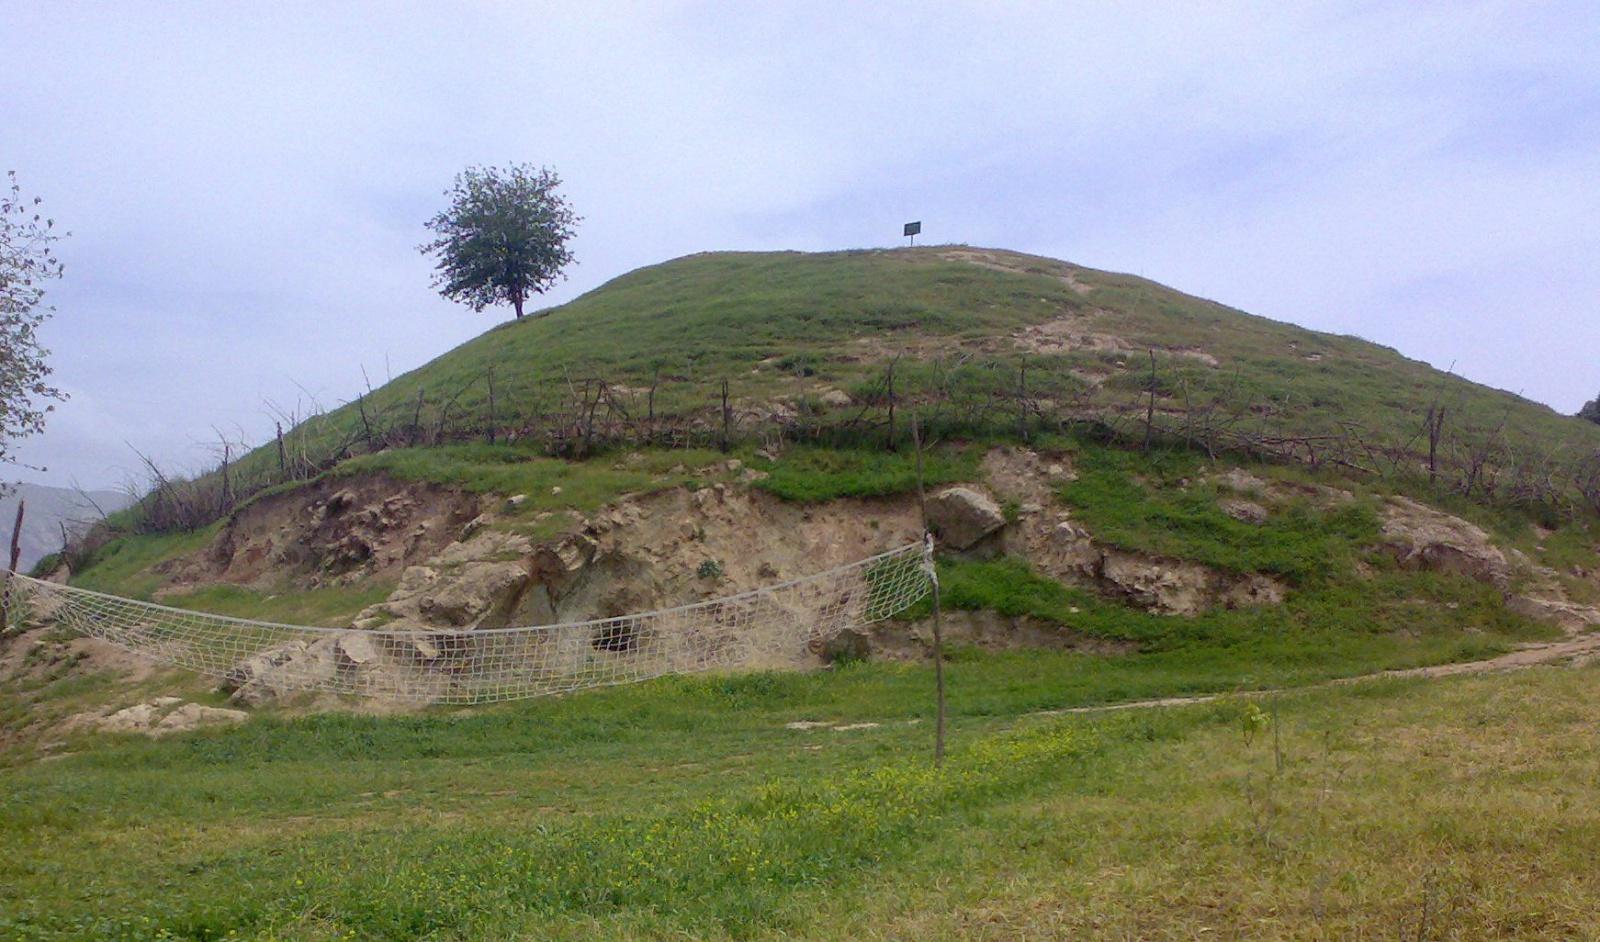 تپه های باستانی چگونه به وجود آمده اند؟ نحوه تشکیل تپه های باستانی